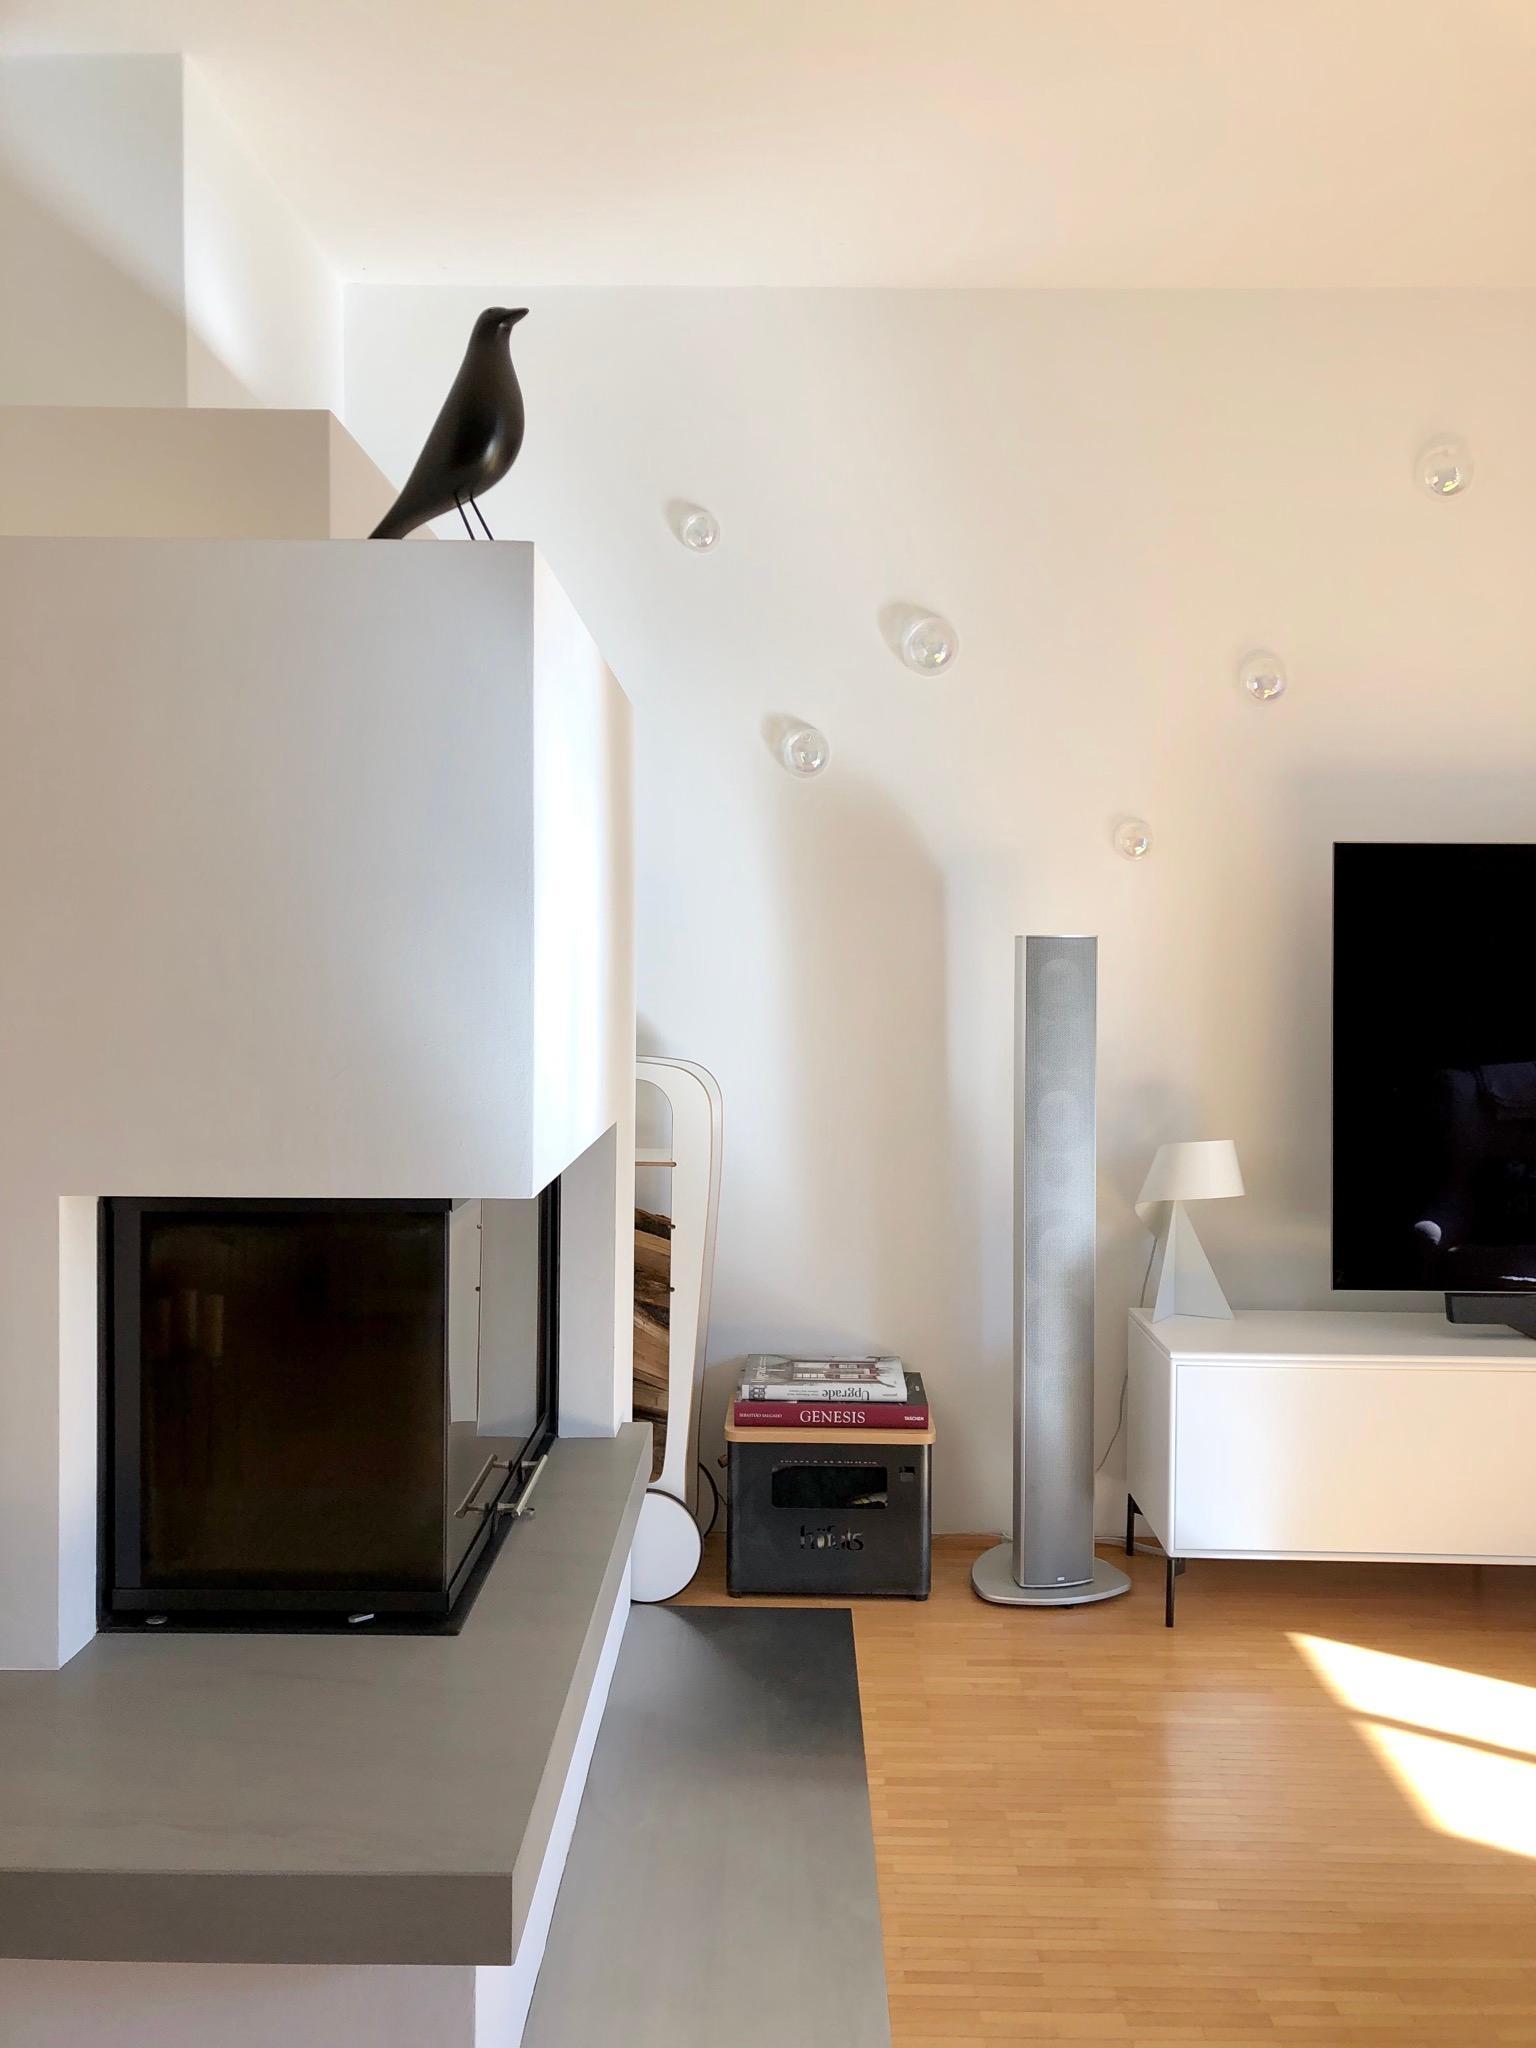 Unsere Kamin Ecke Im Wohnzimmer Hygge Eames Sk